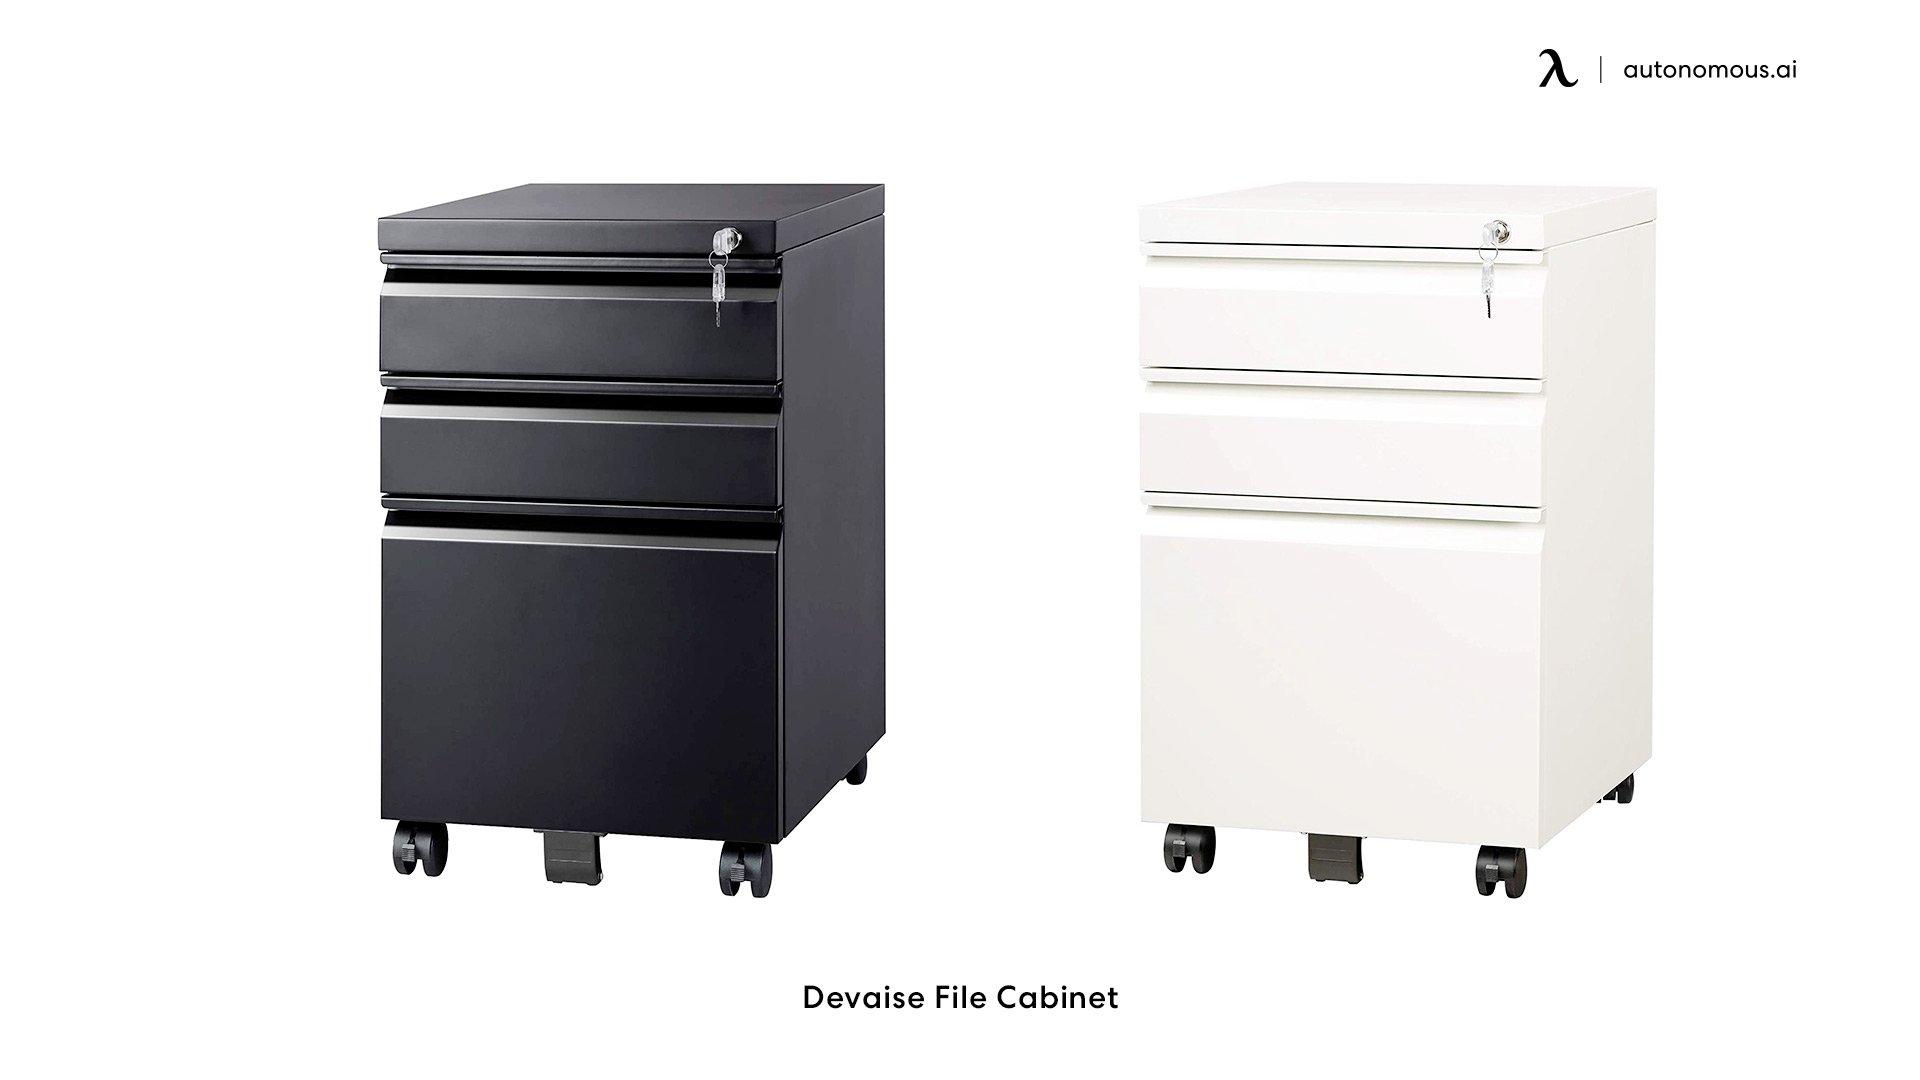 Devaise File Cabinet